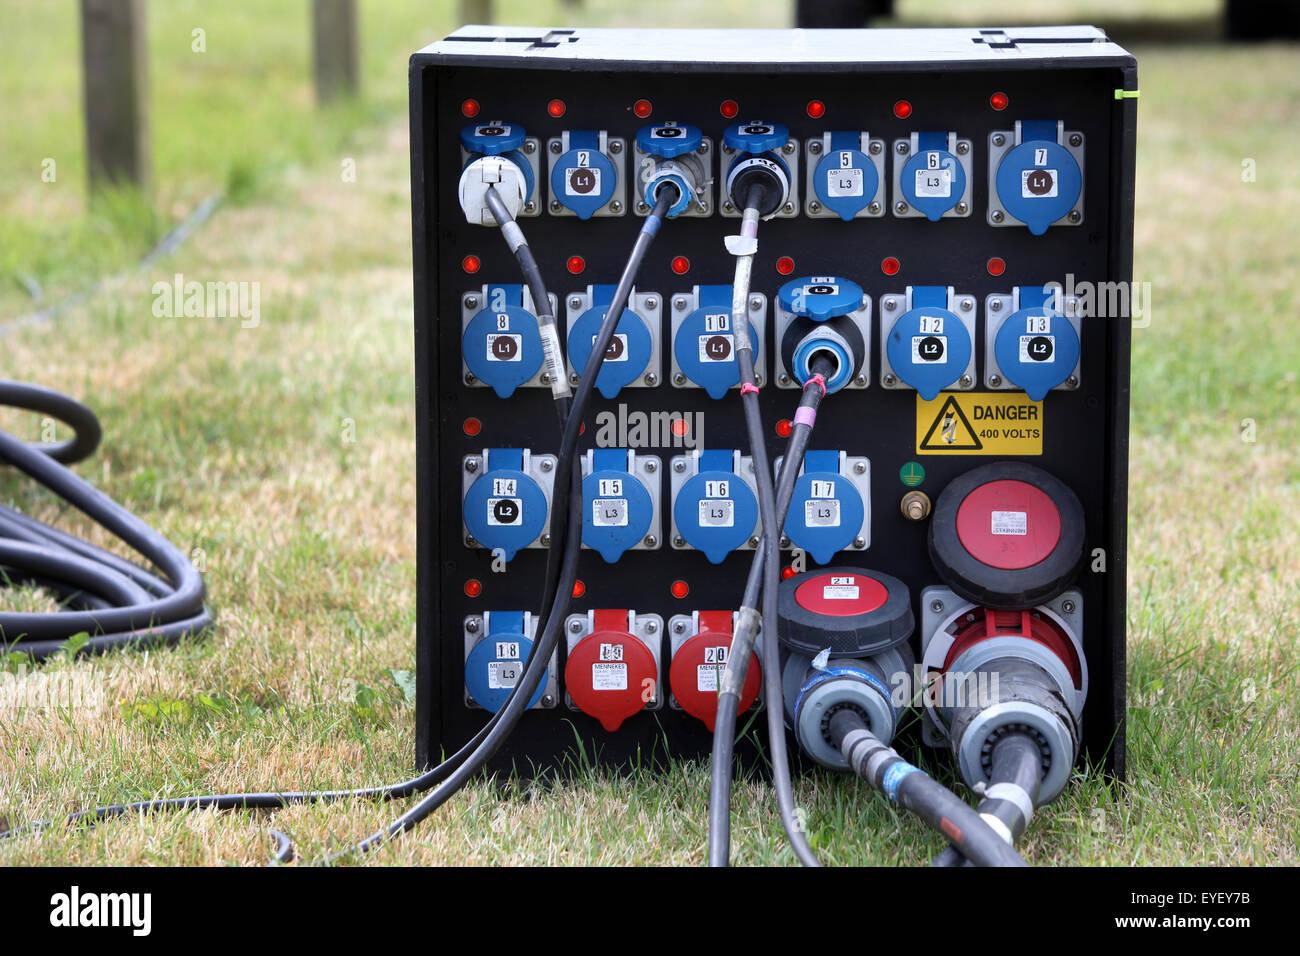 Im freien Strom Power Management Anschlussdose an ein outdoor-event Stockbild